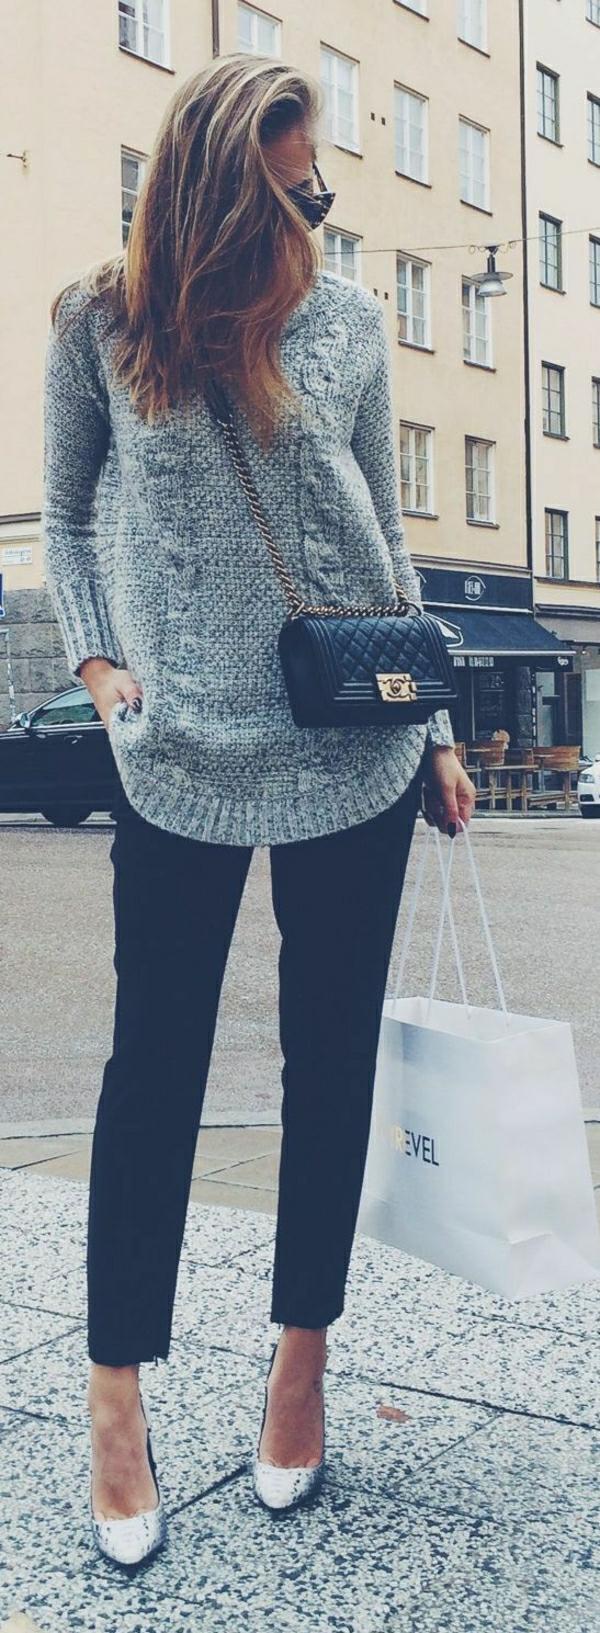 schwarze-Hosen-grauer-Pullover-Stöckelschuhe-Umhängetasche-Chanel